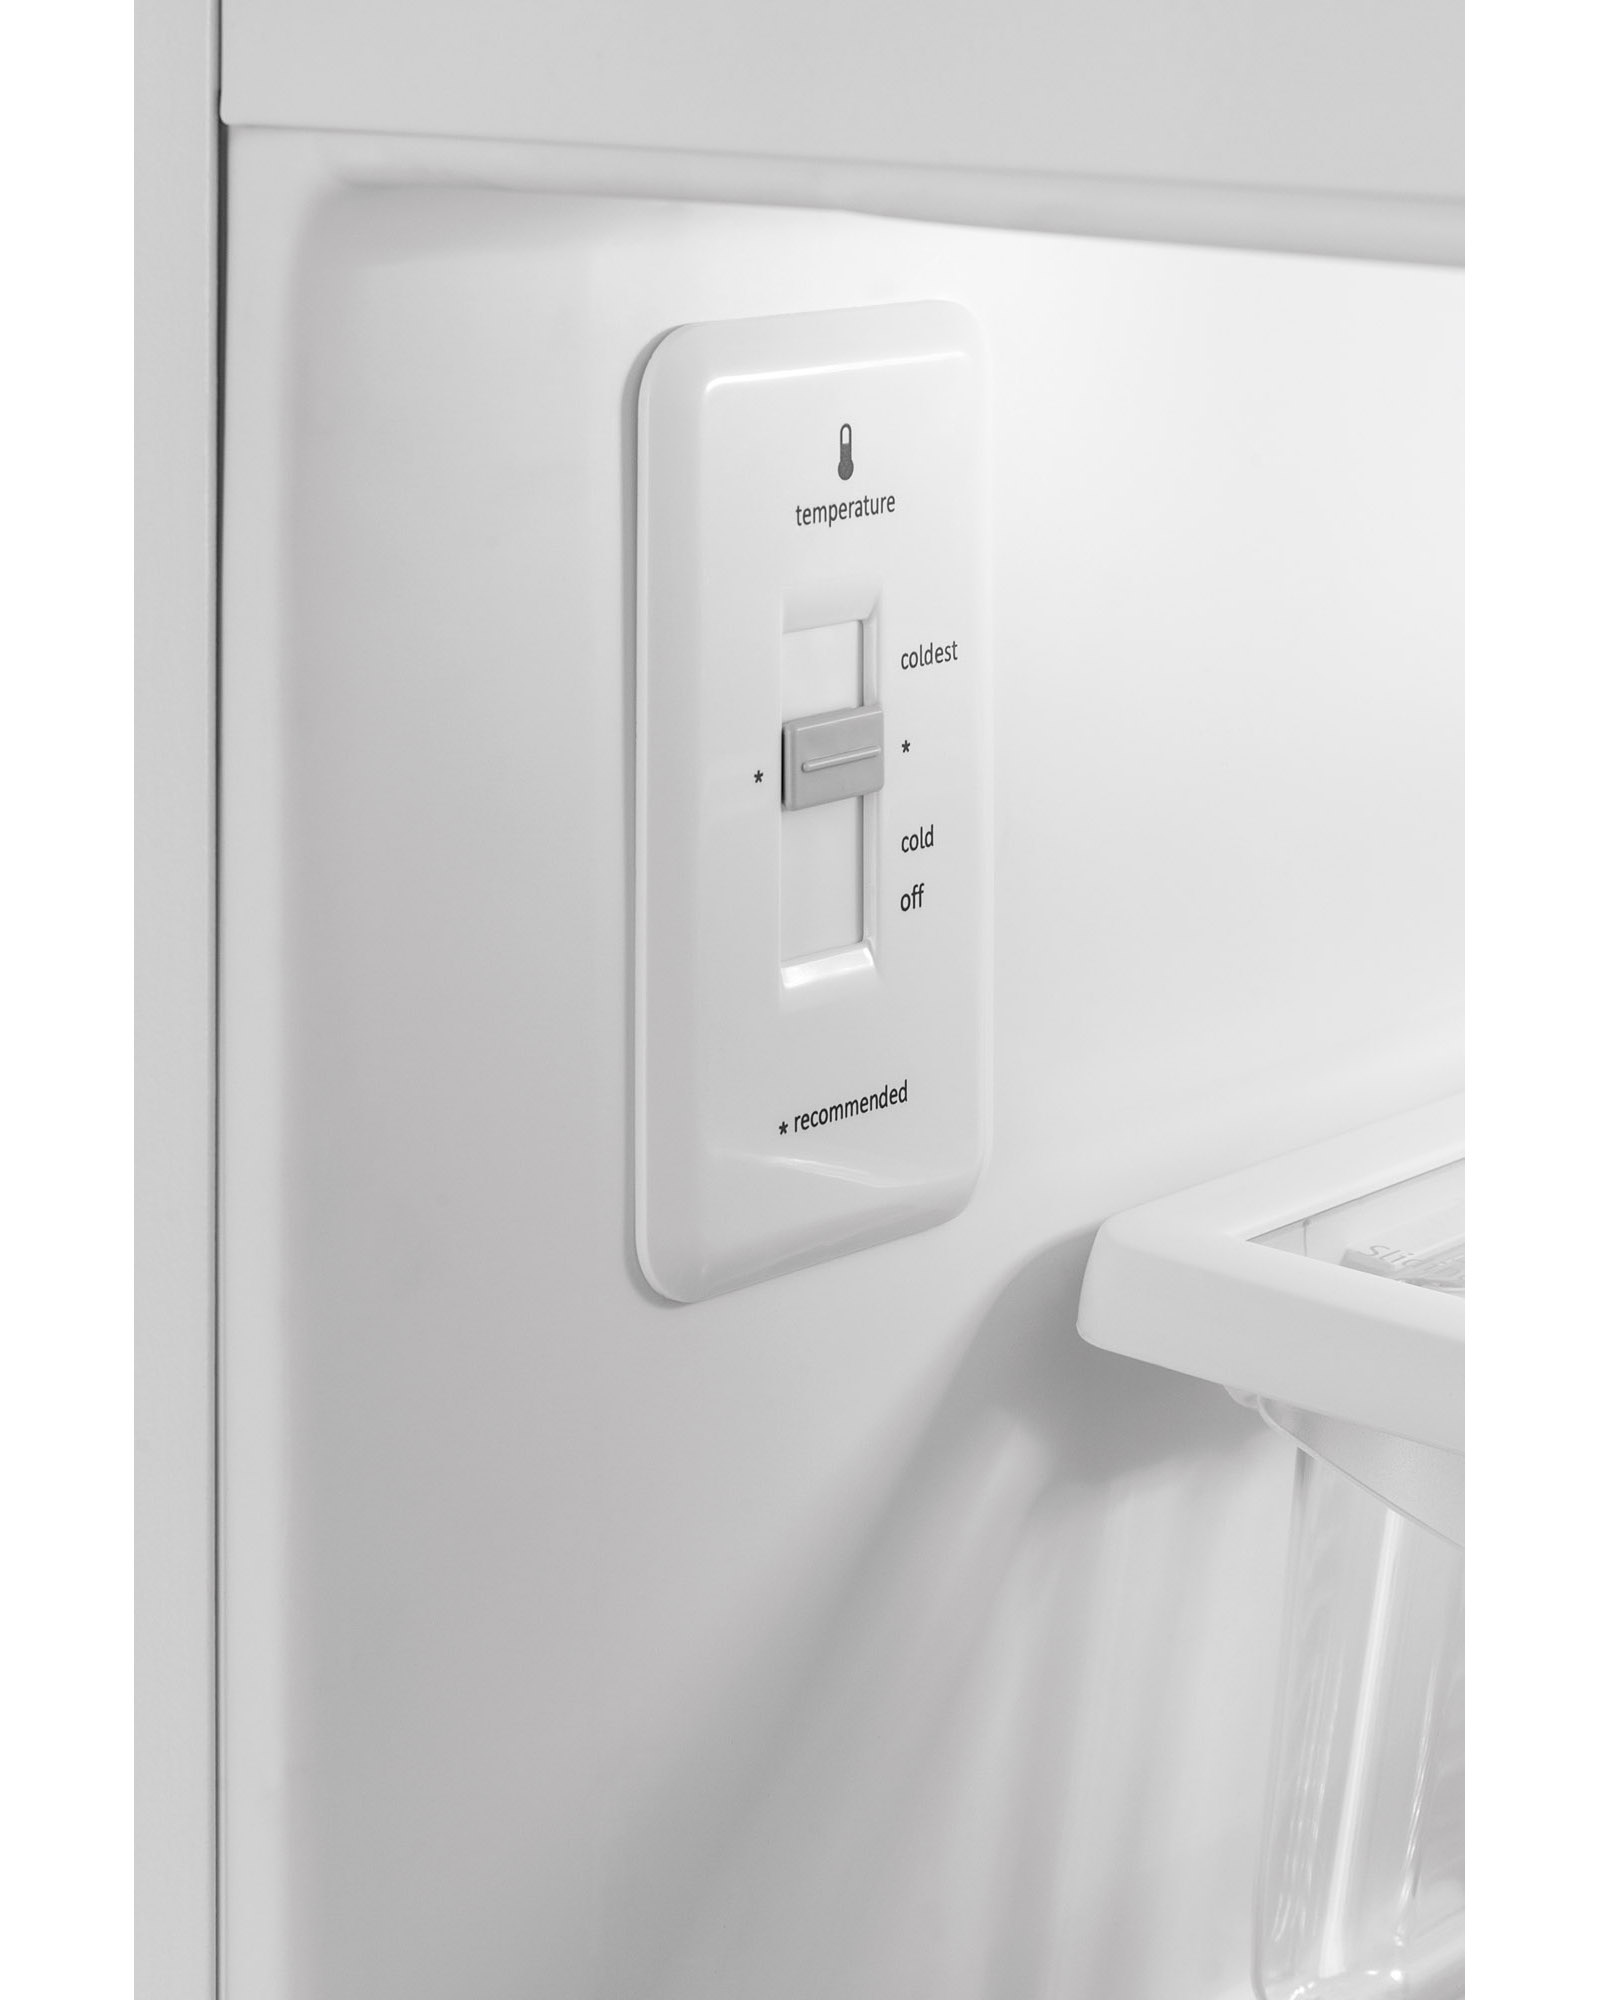 Frigidaire FFHI2131QE 20.5 cu. ft. Top Freezer Refrigerator - Black